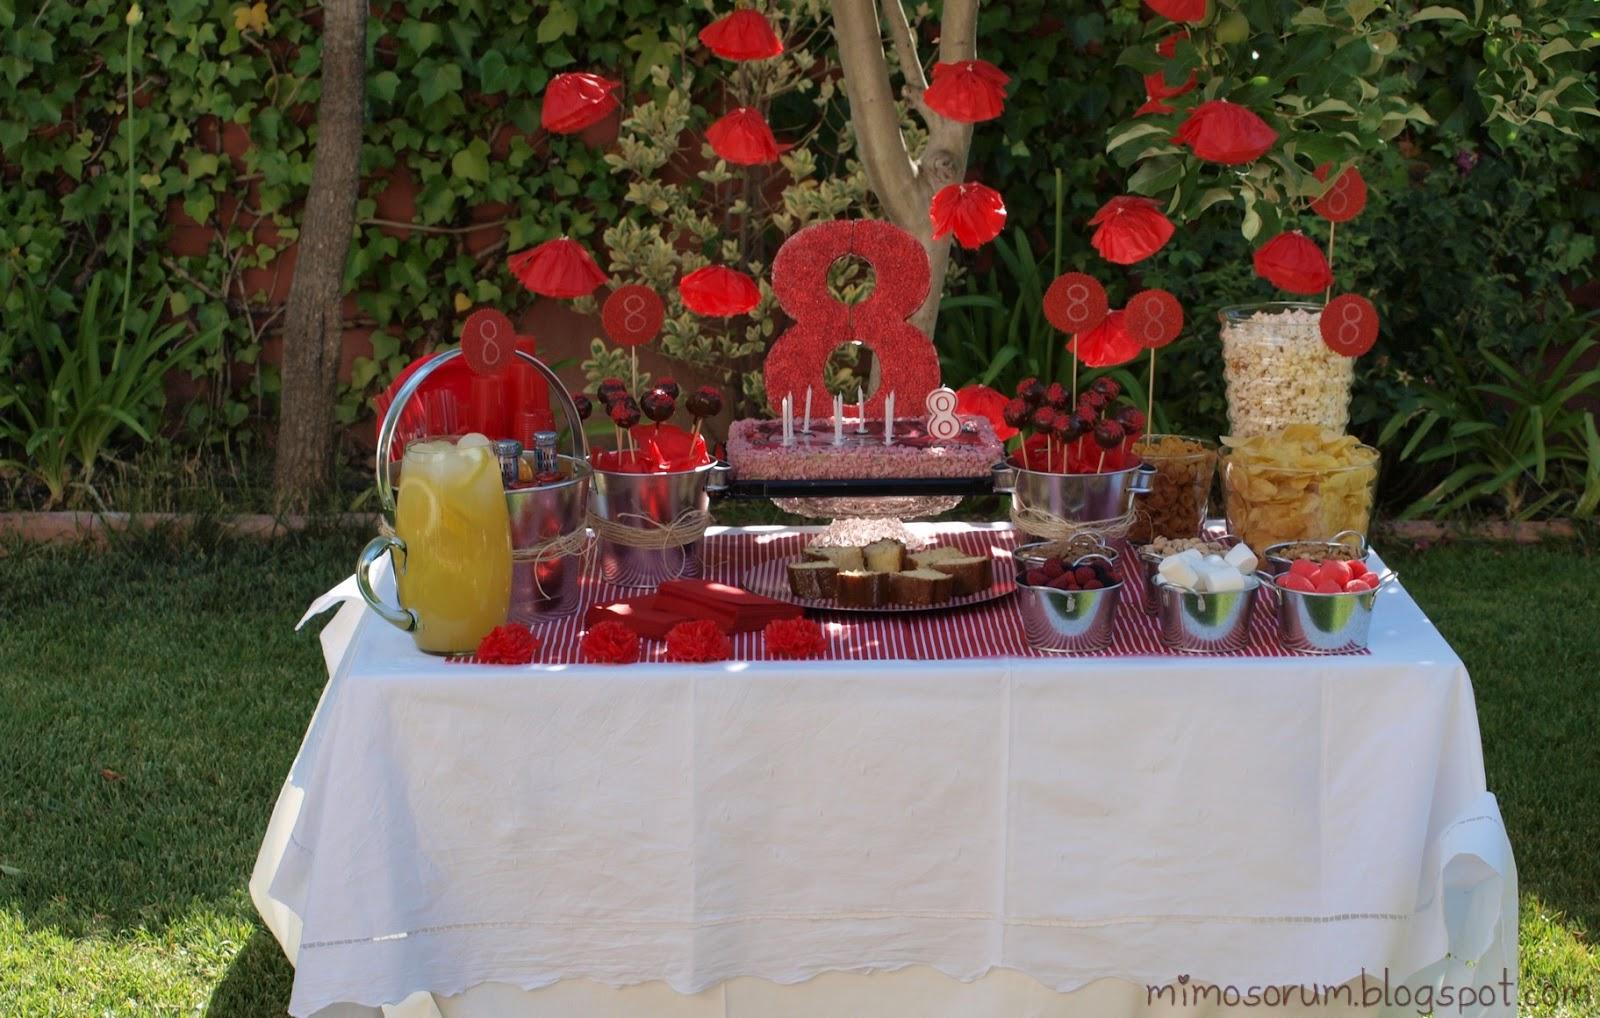 Mimosorum fiesta de cumplea os r stica y en rojo - Decoracion para el jardin ...